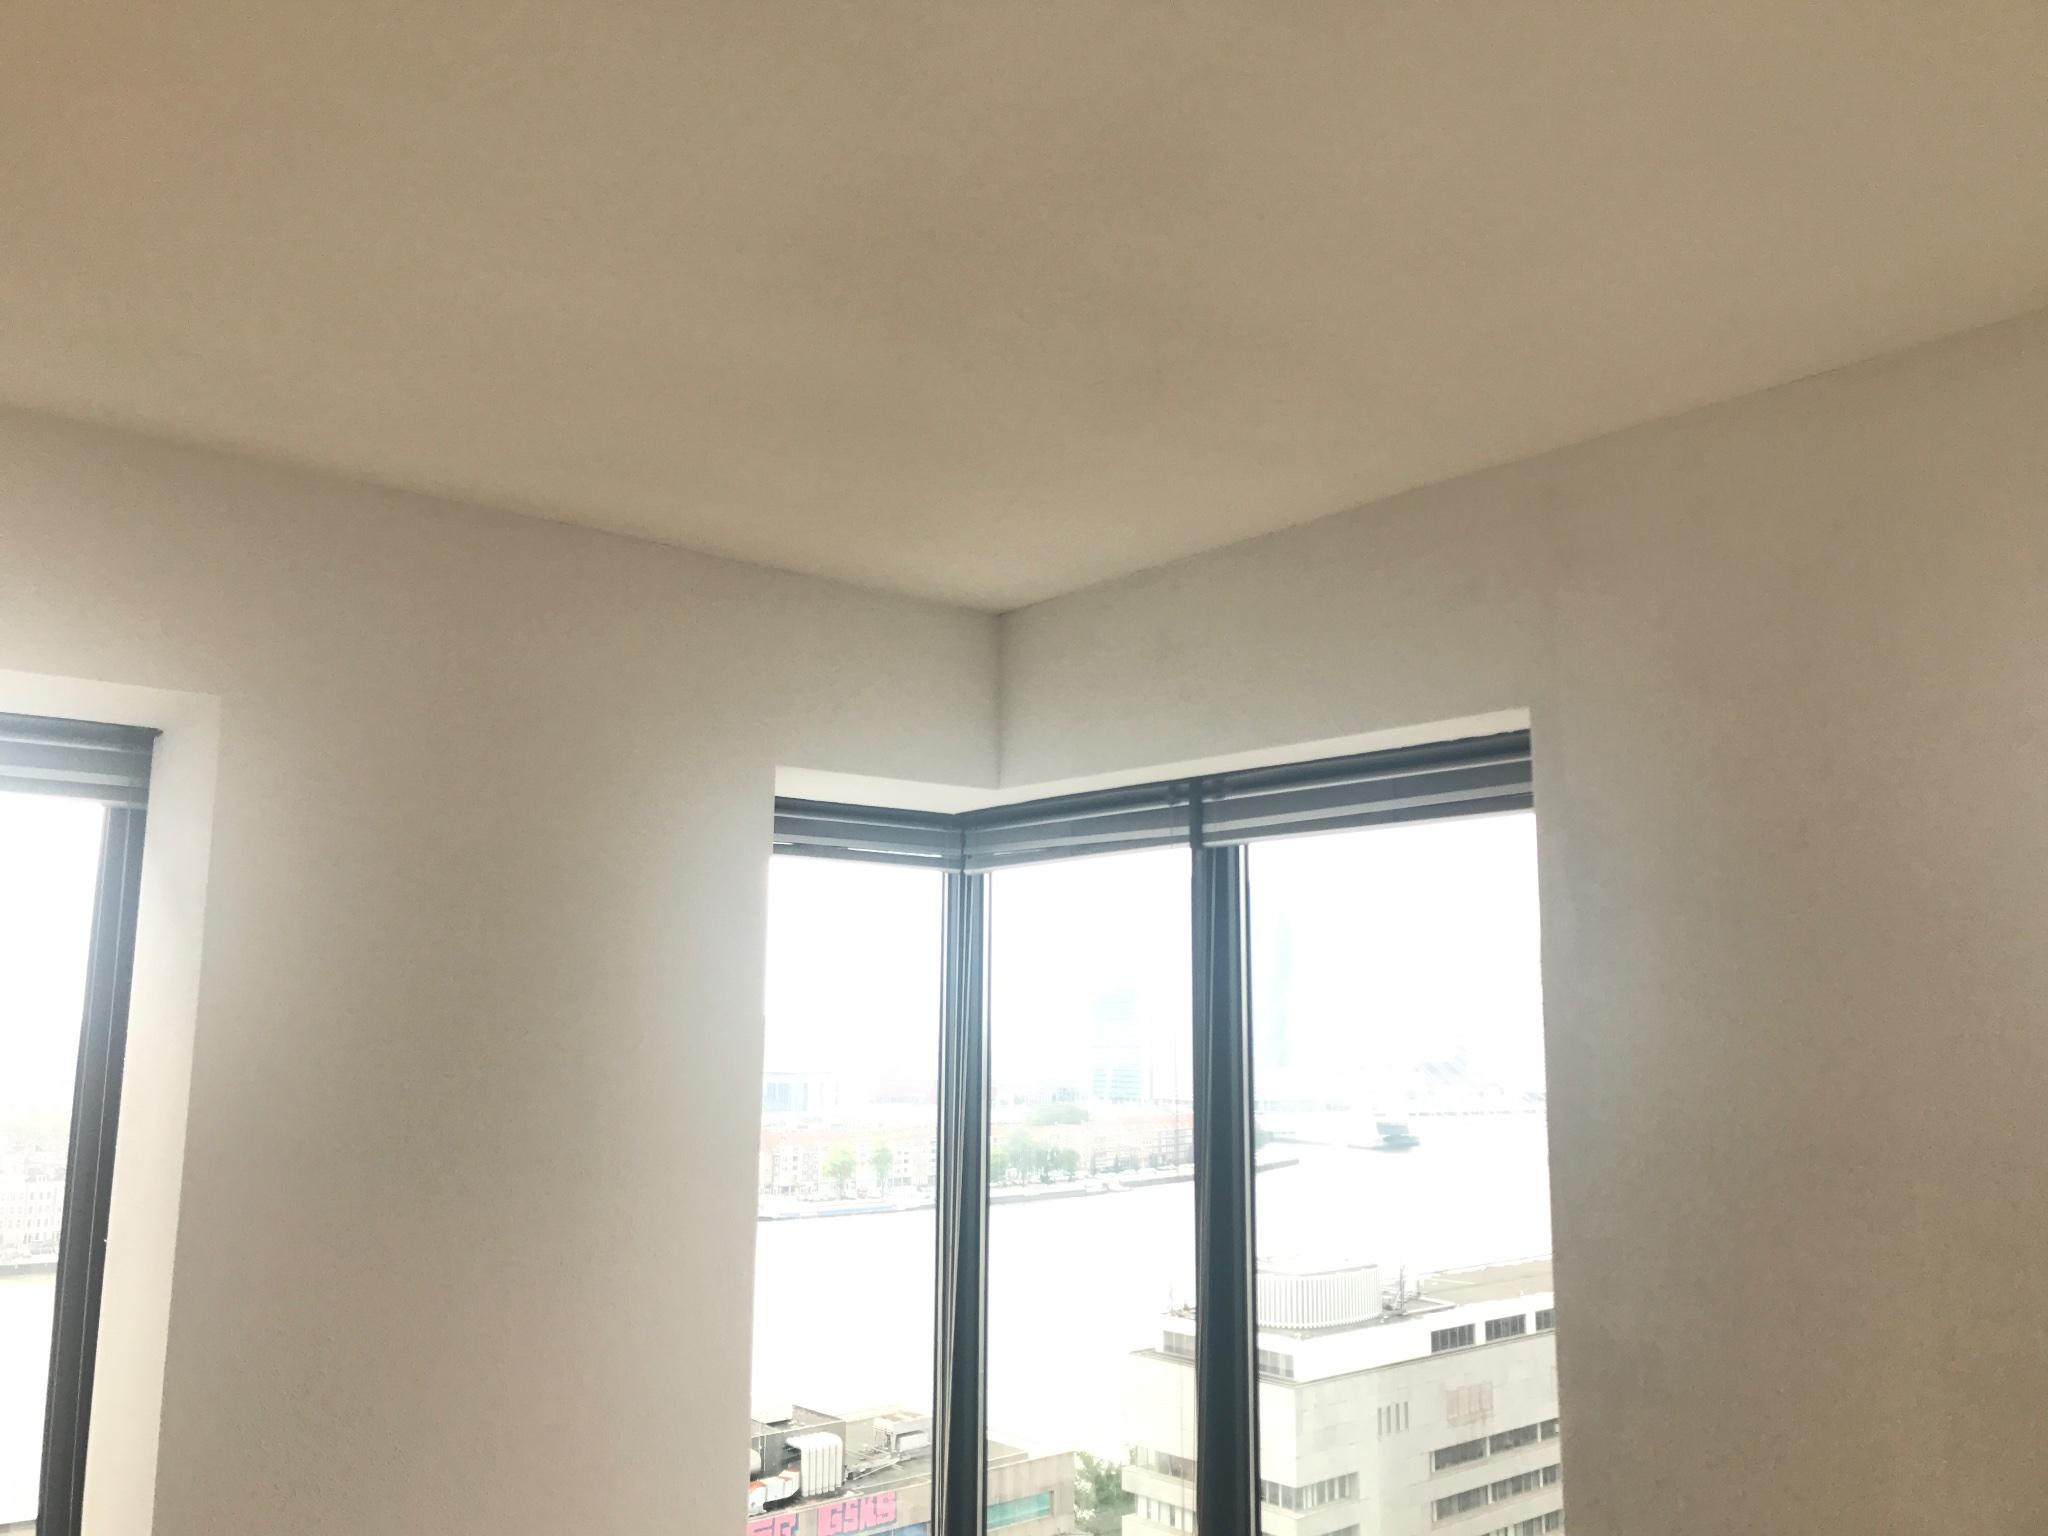 Woonkamer spuiten/schilderen (wit) - Werkspot